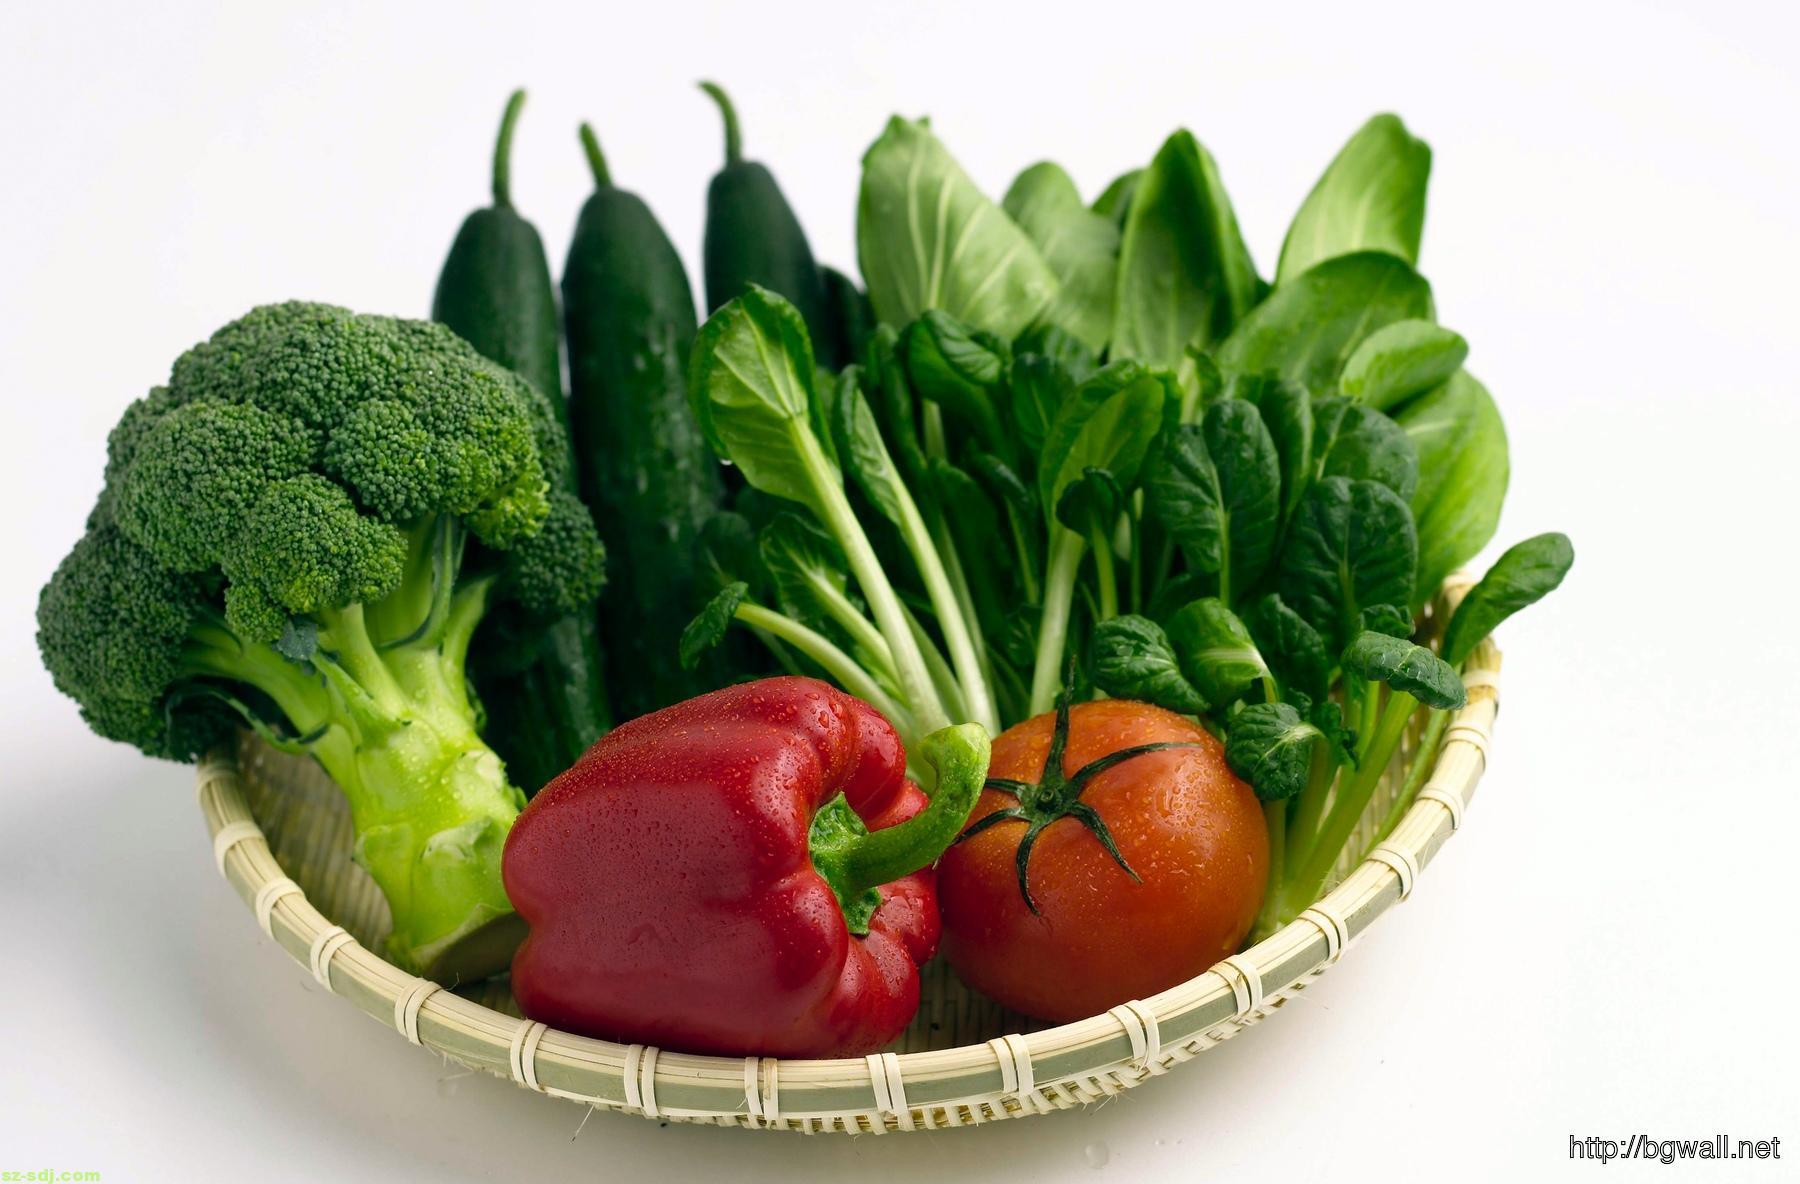 fresh-vegetables-wallpaper